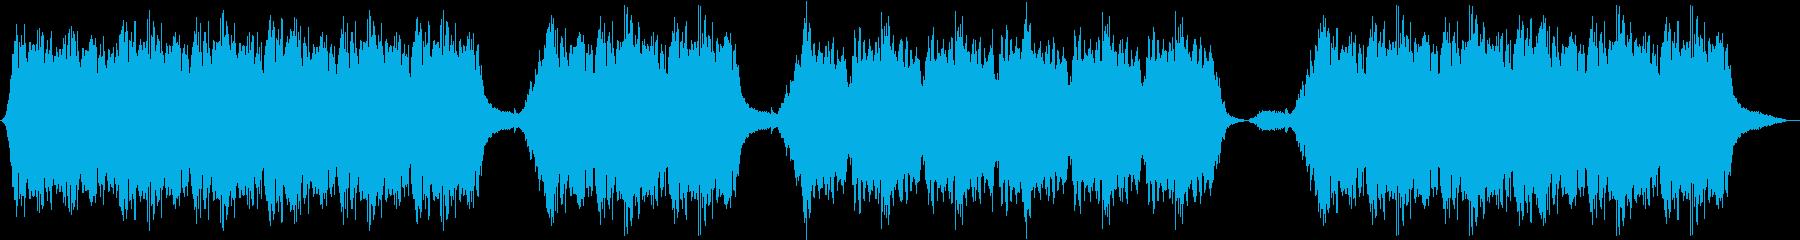 就寝用に制作されたハープ音楽の再生済みの波形